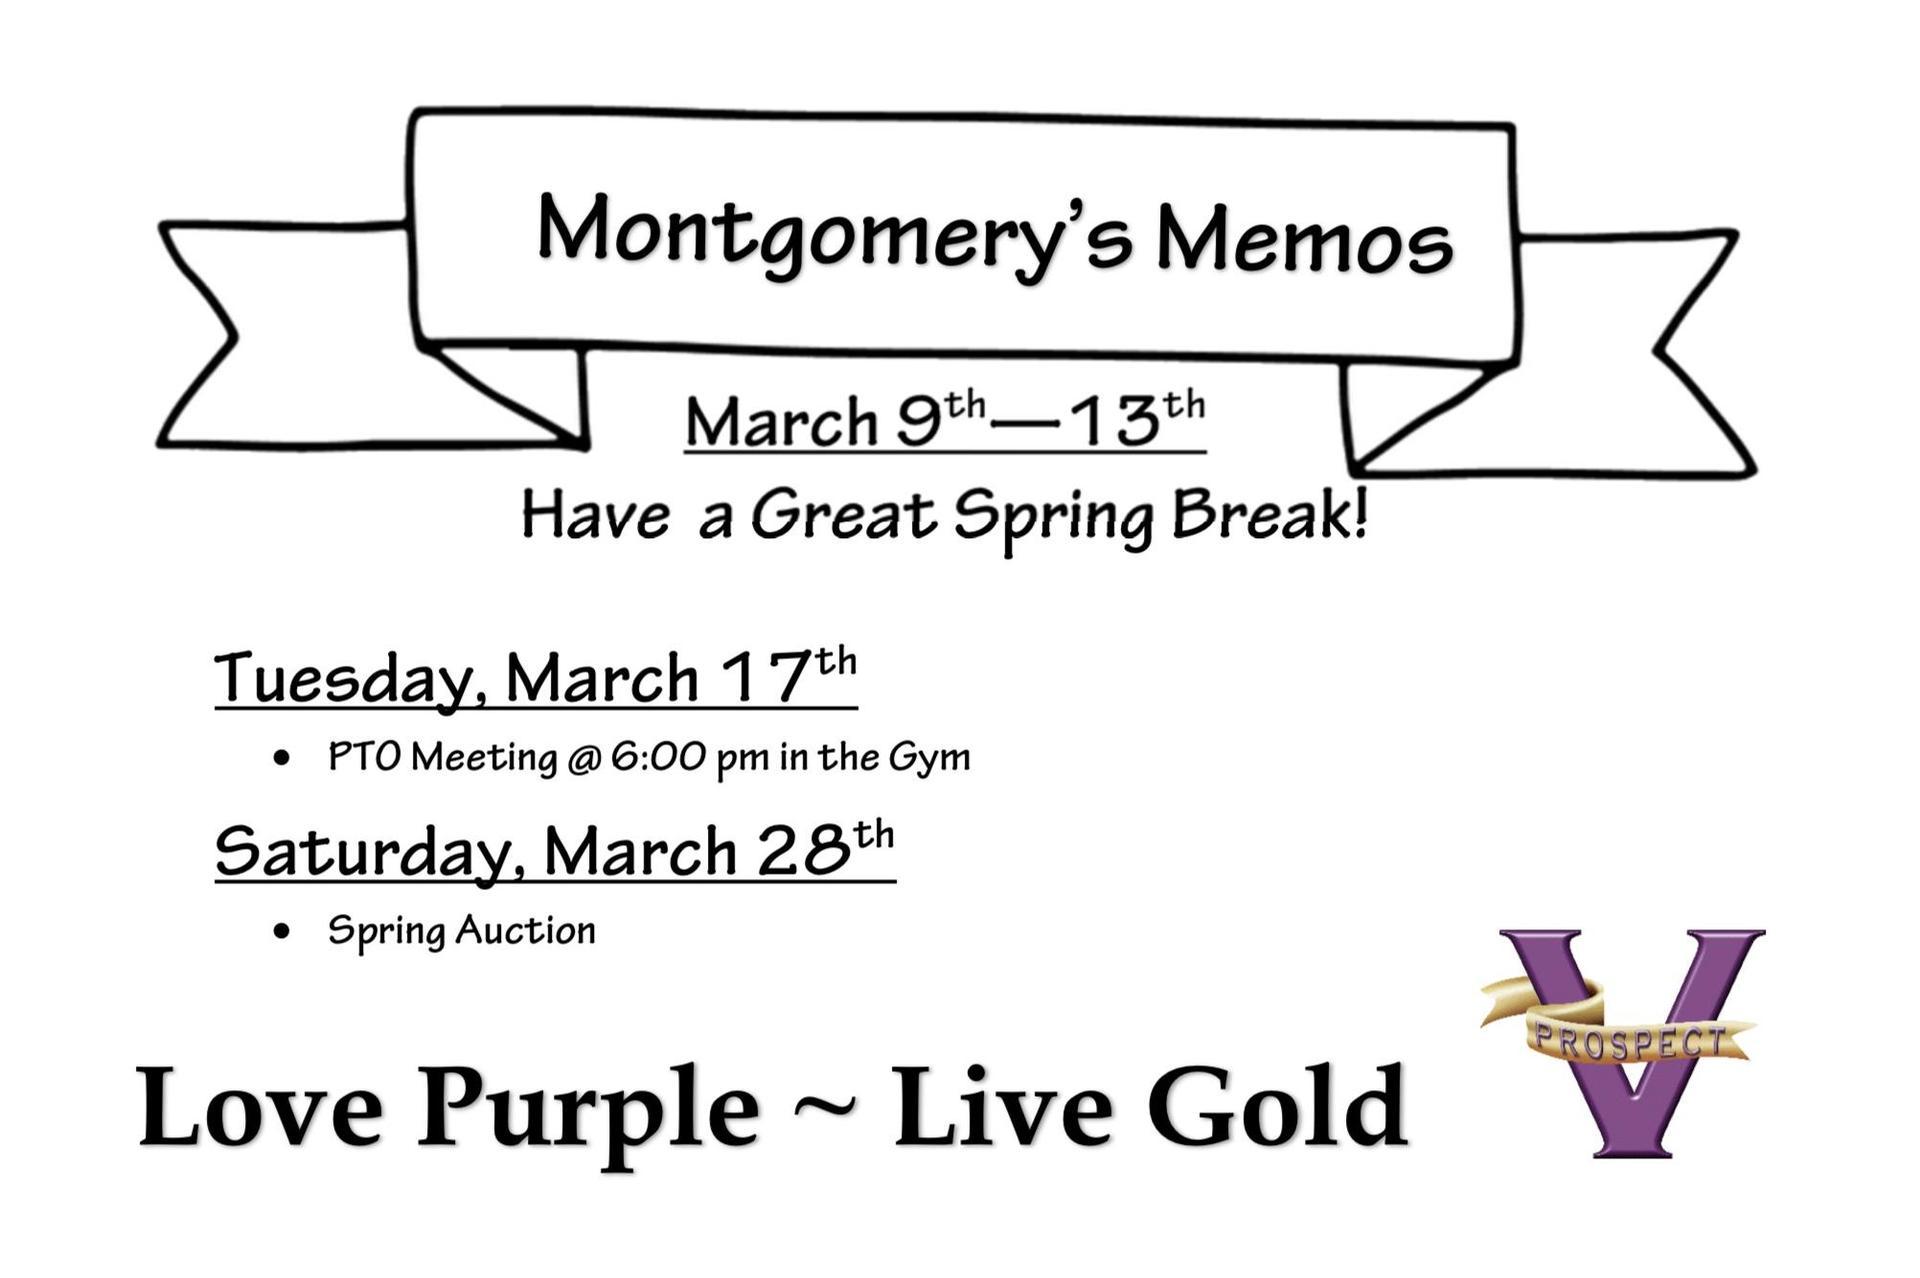 Montgomery's Memos 03-09-2020